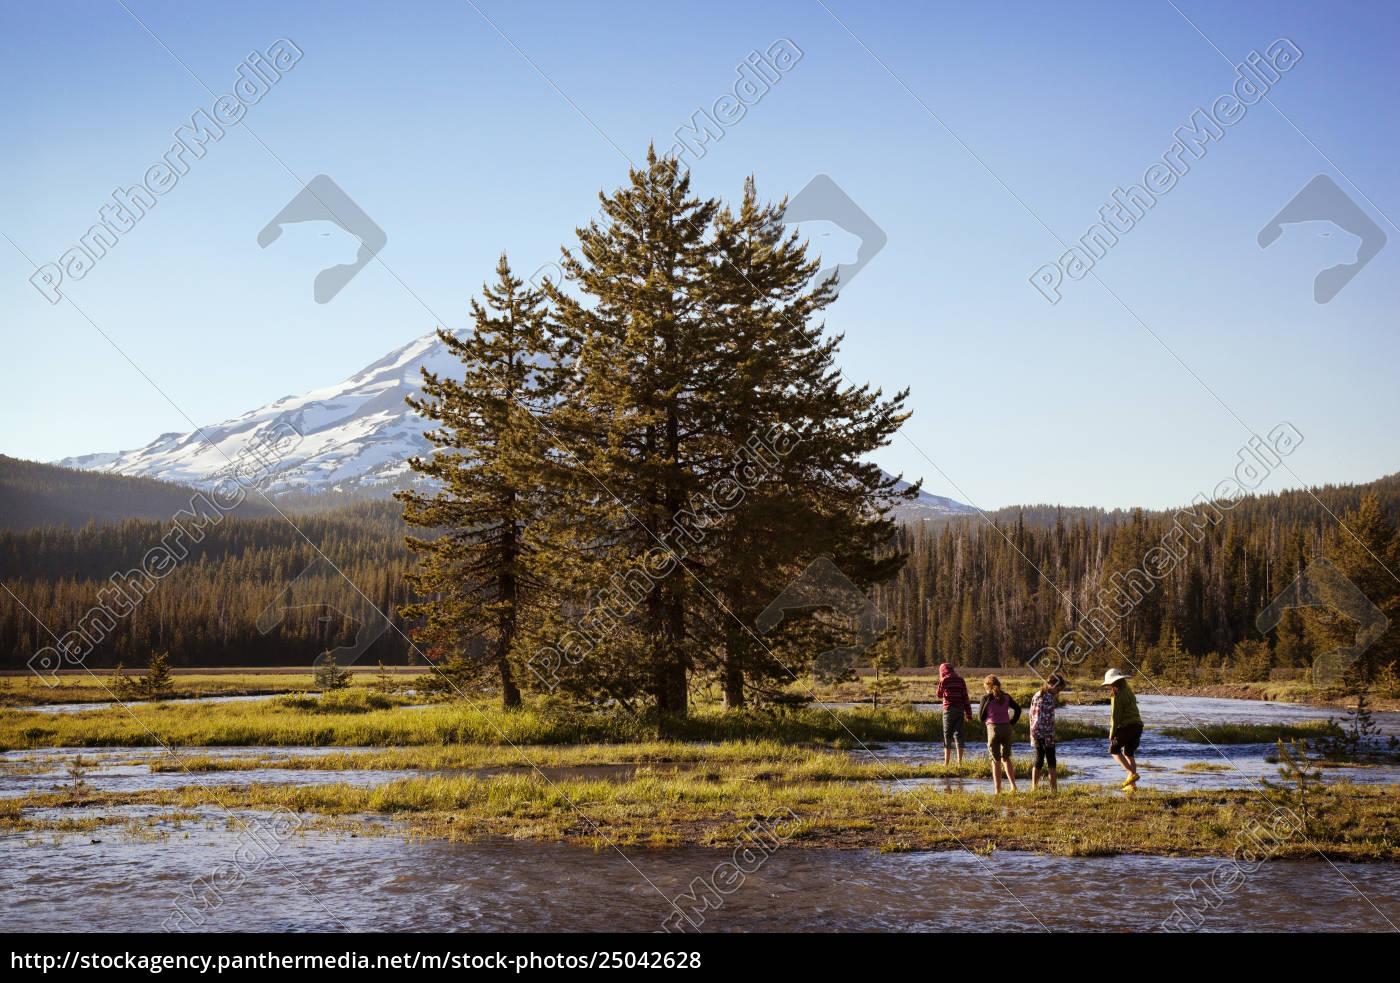 ludzie, cieszy, się, w, jeziorze, drzewami - 25042628